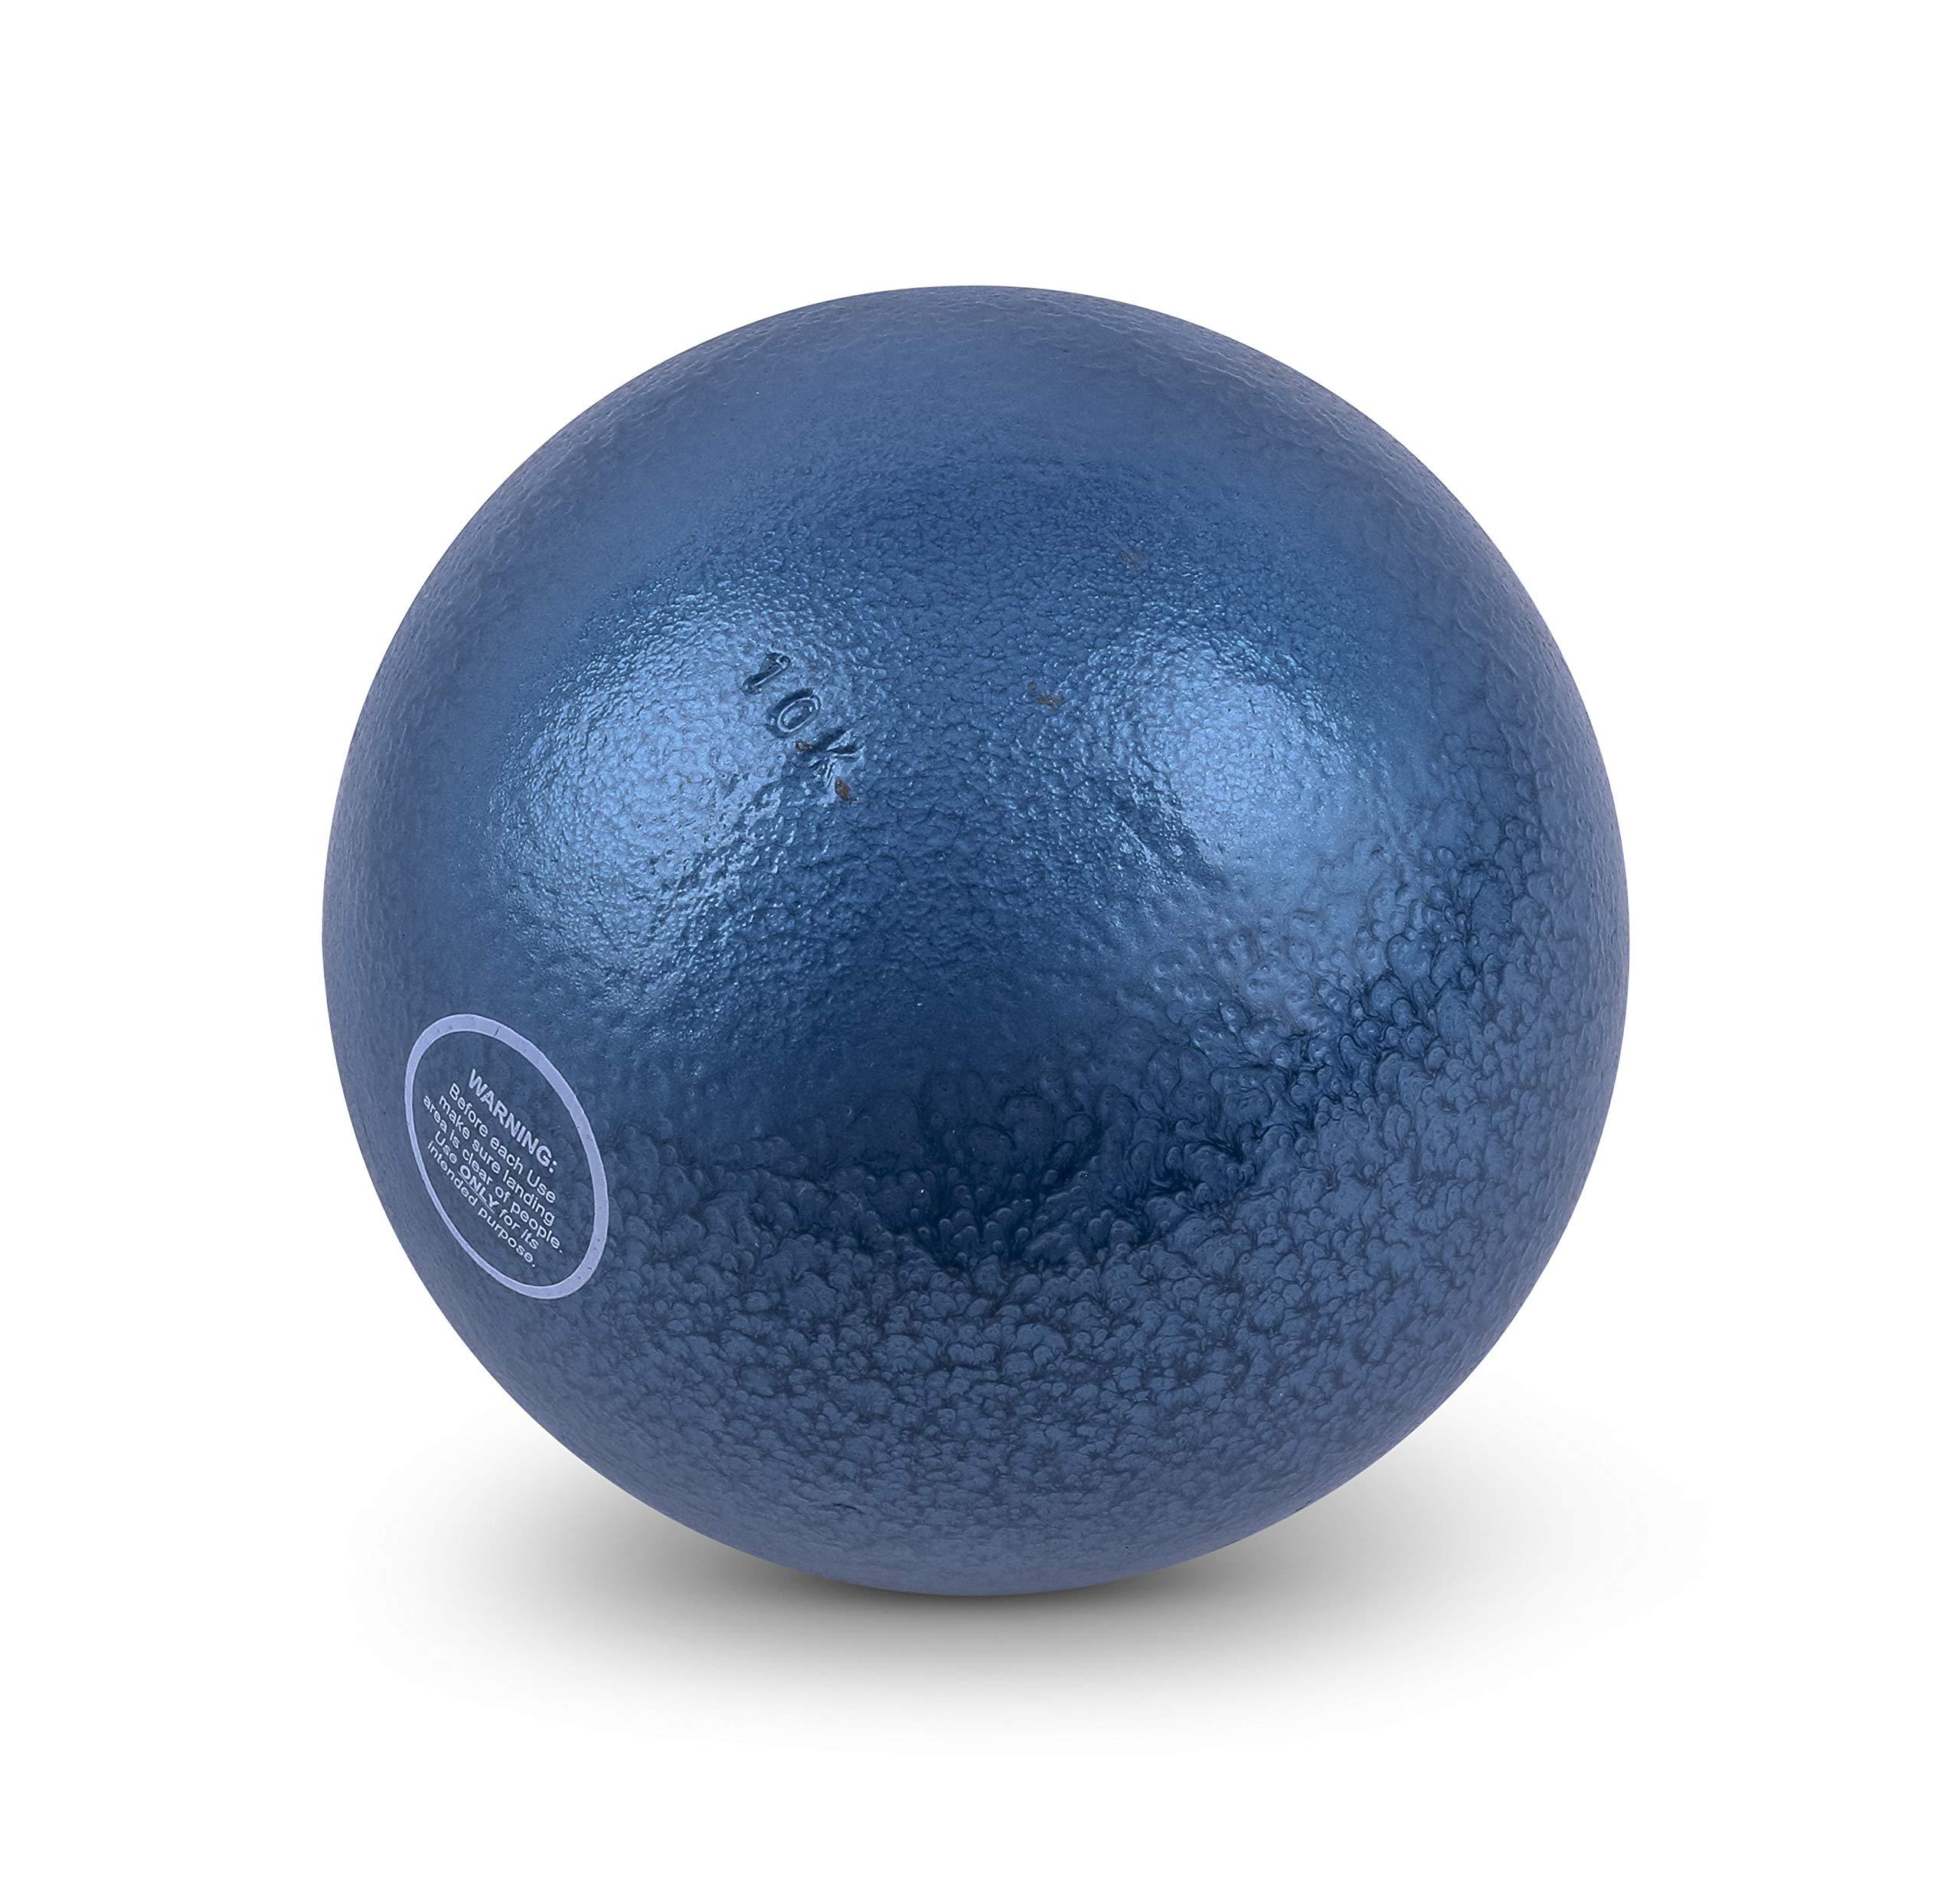 Vinex Lanzamiento de Peso – Bola con Peso Especial para ...